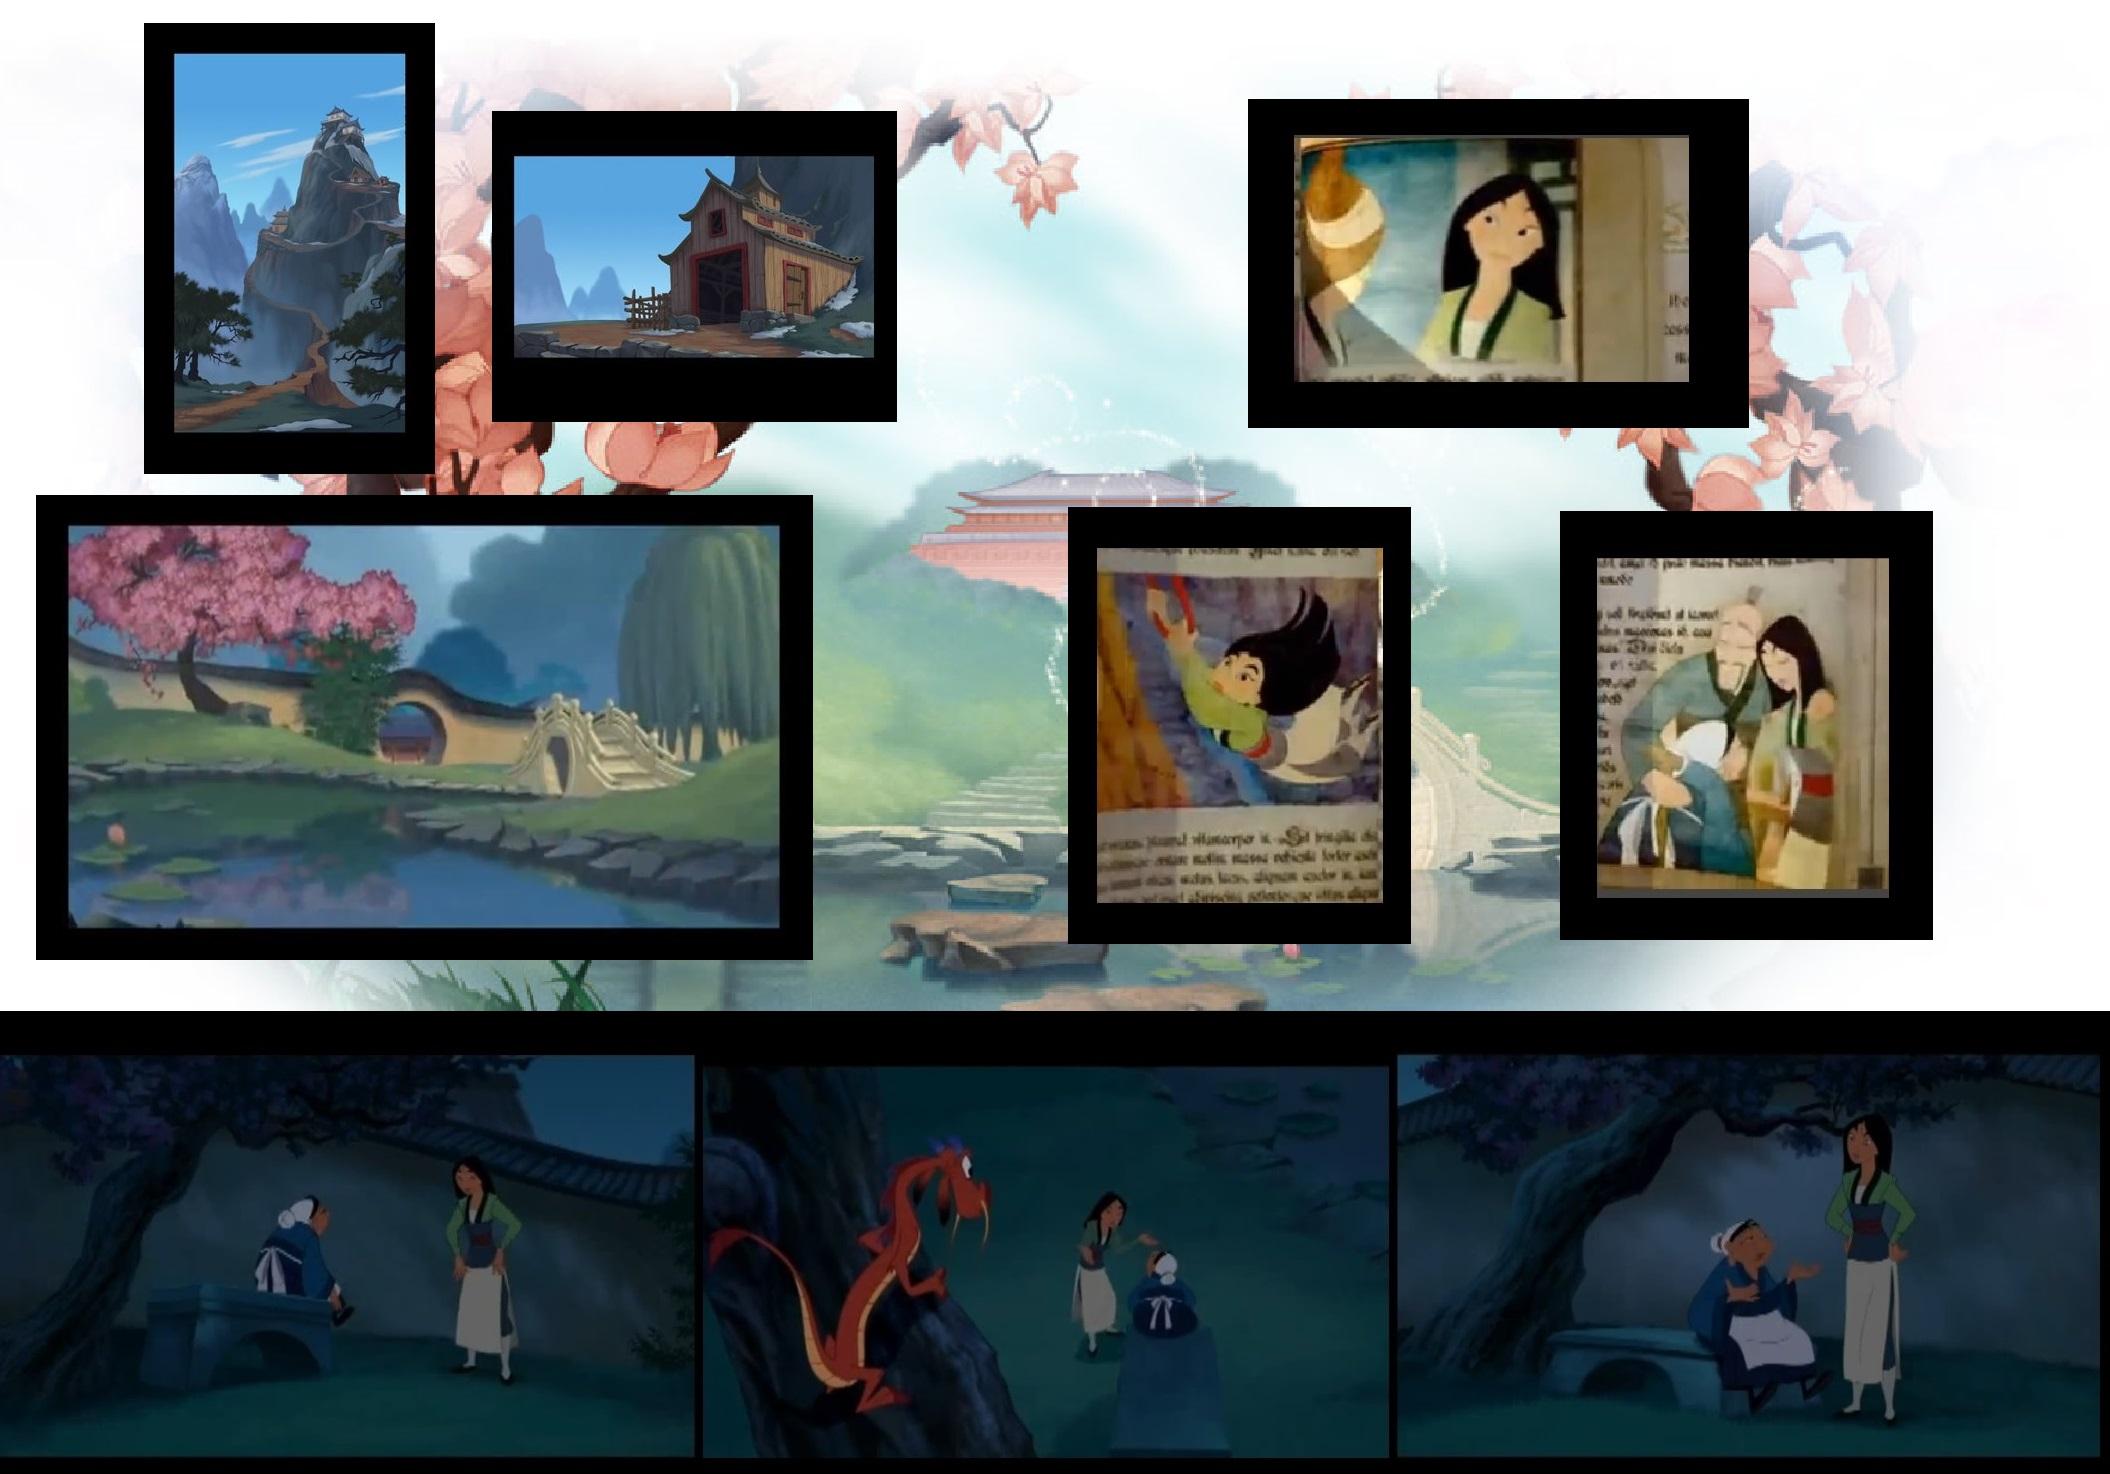 Mulan Enchanted Tales: Honesty